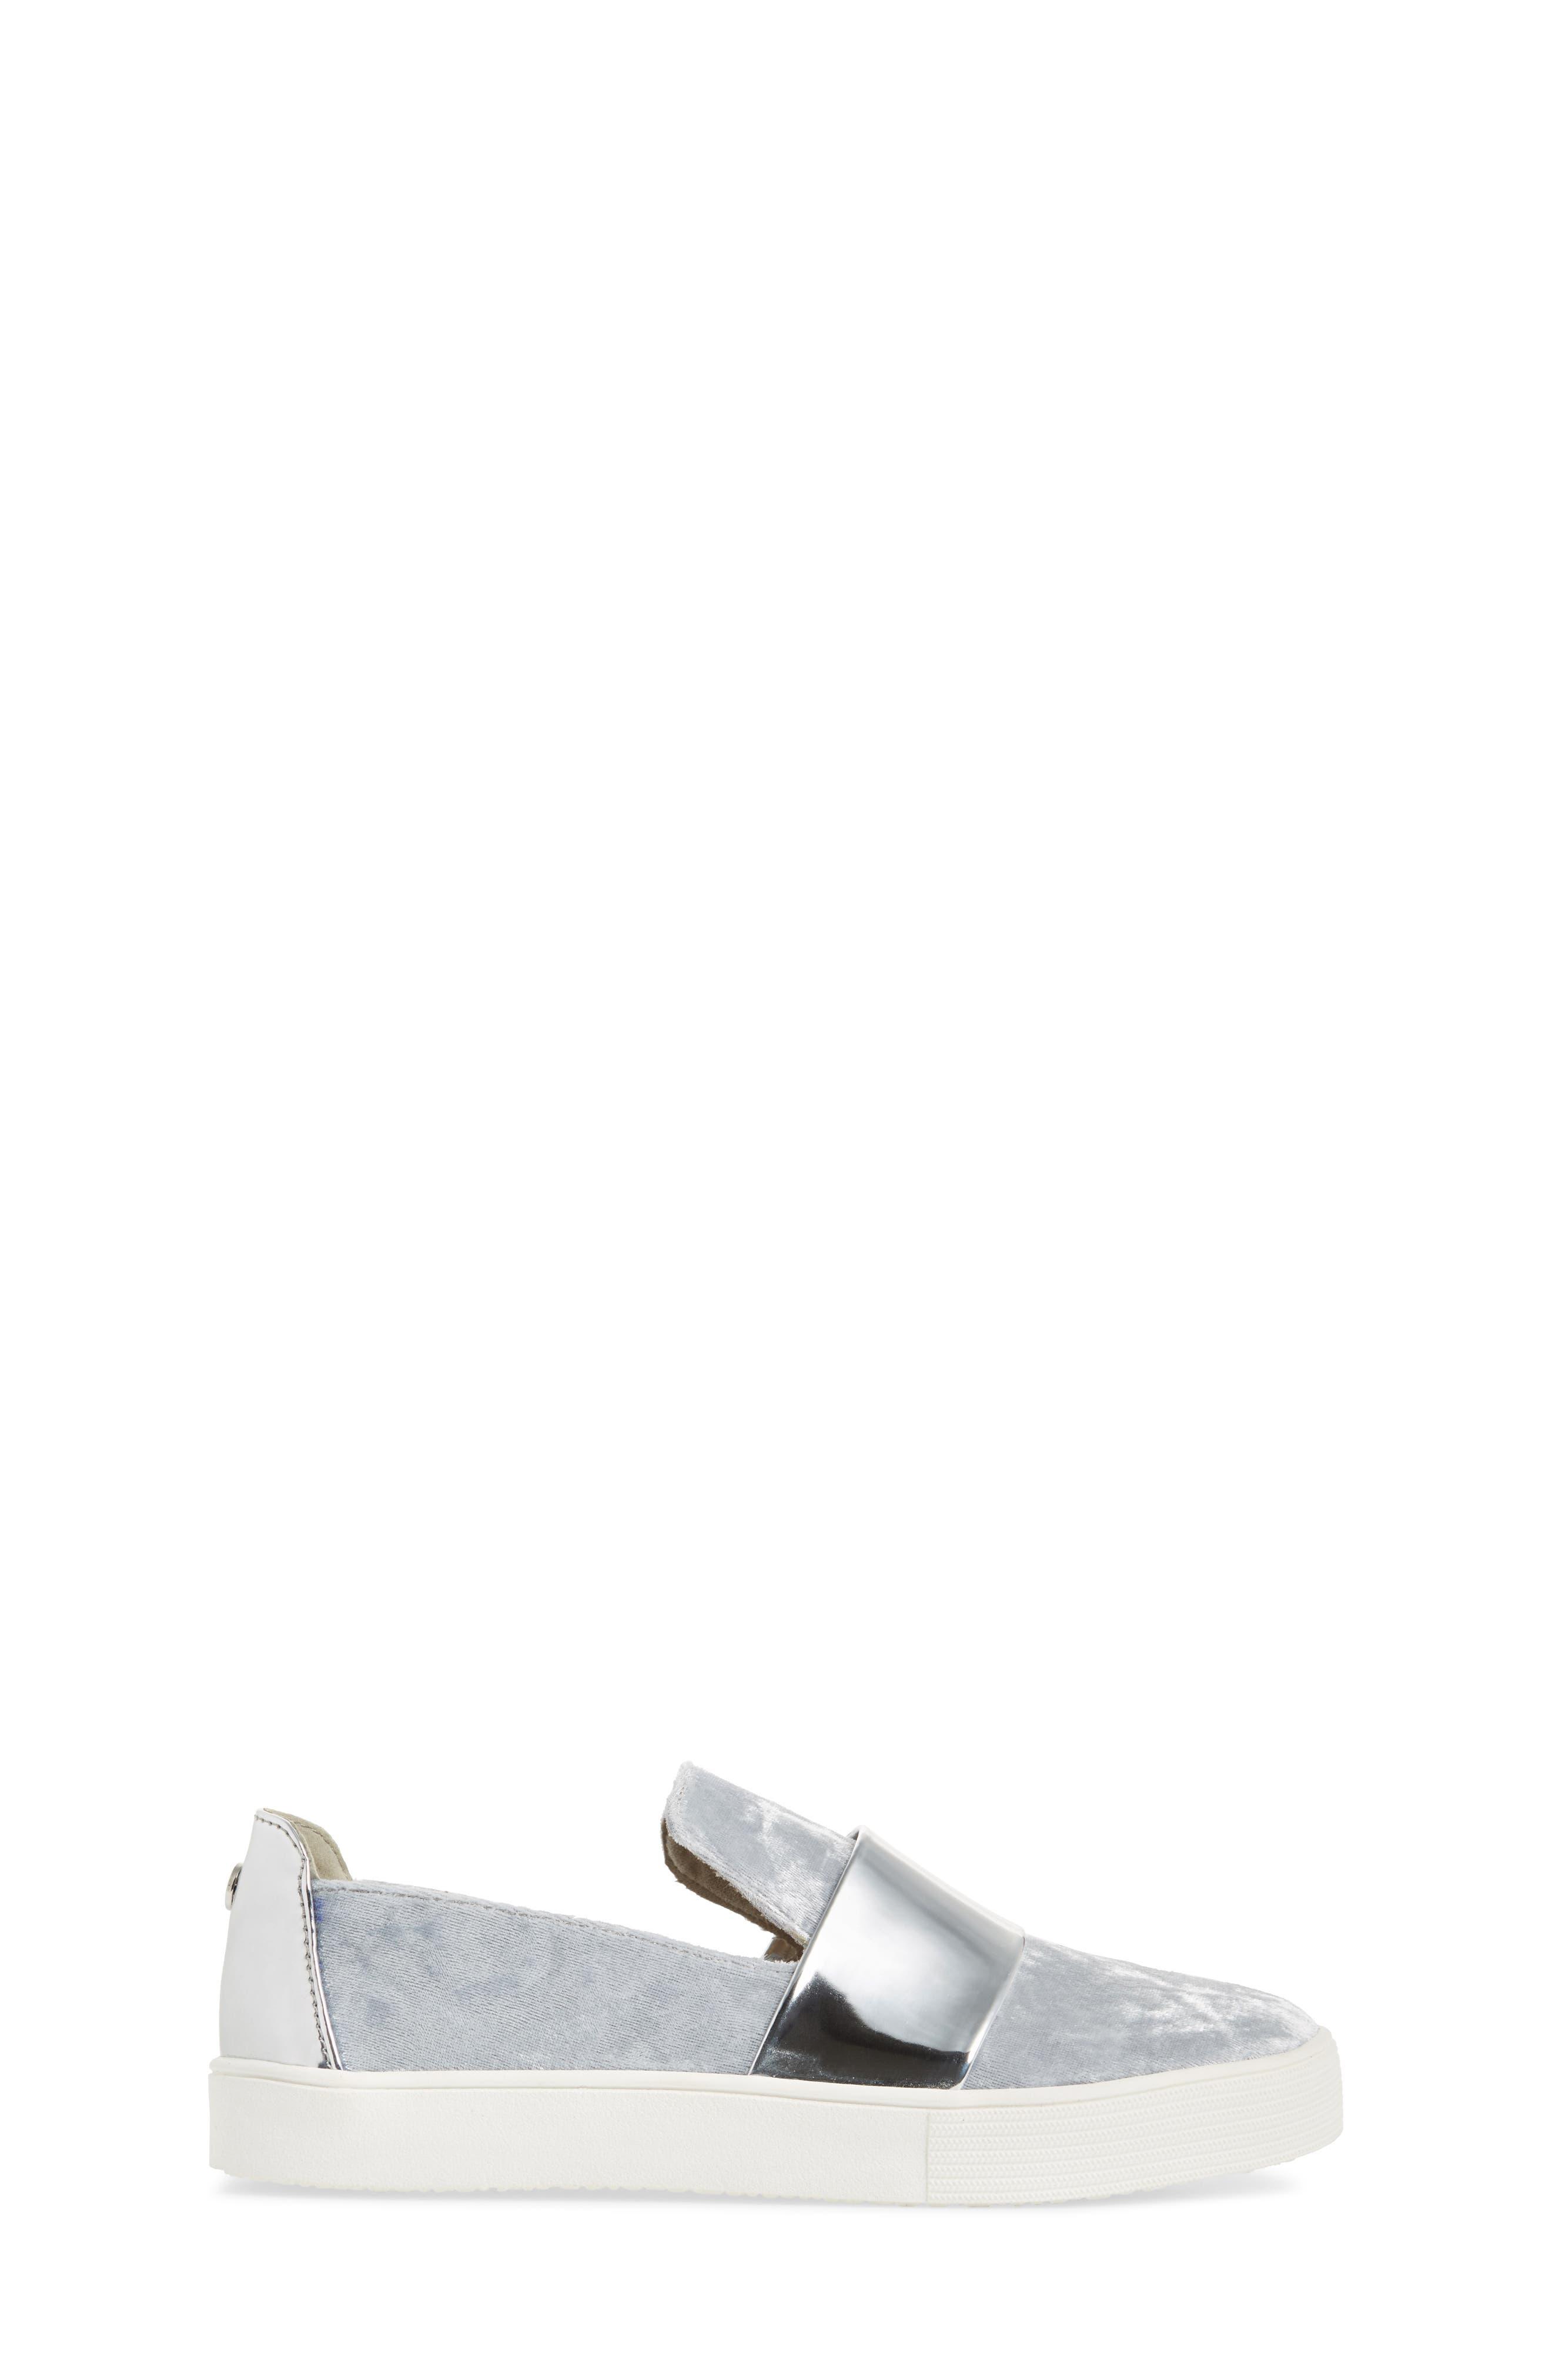 Vance Slip-On Sneaker,                             Alternate thumbnail 3, color,                             Silver